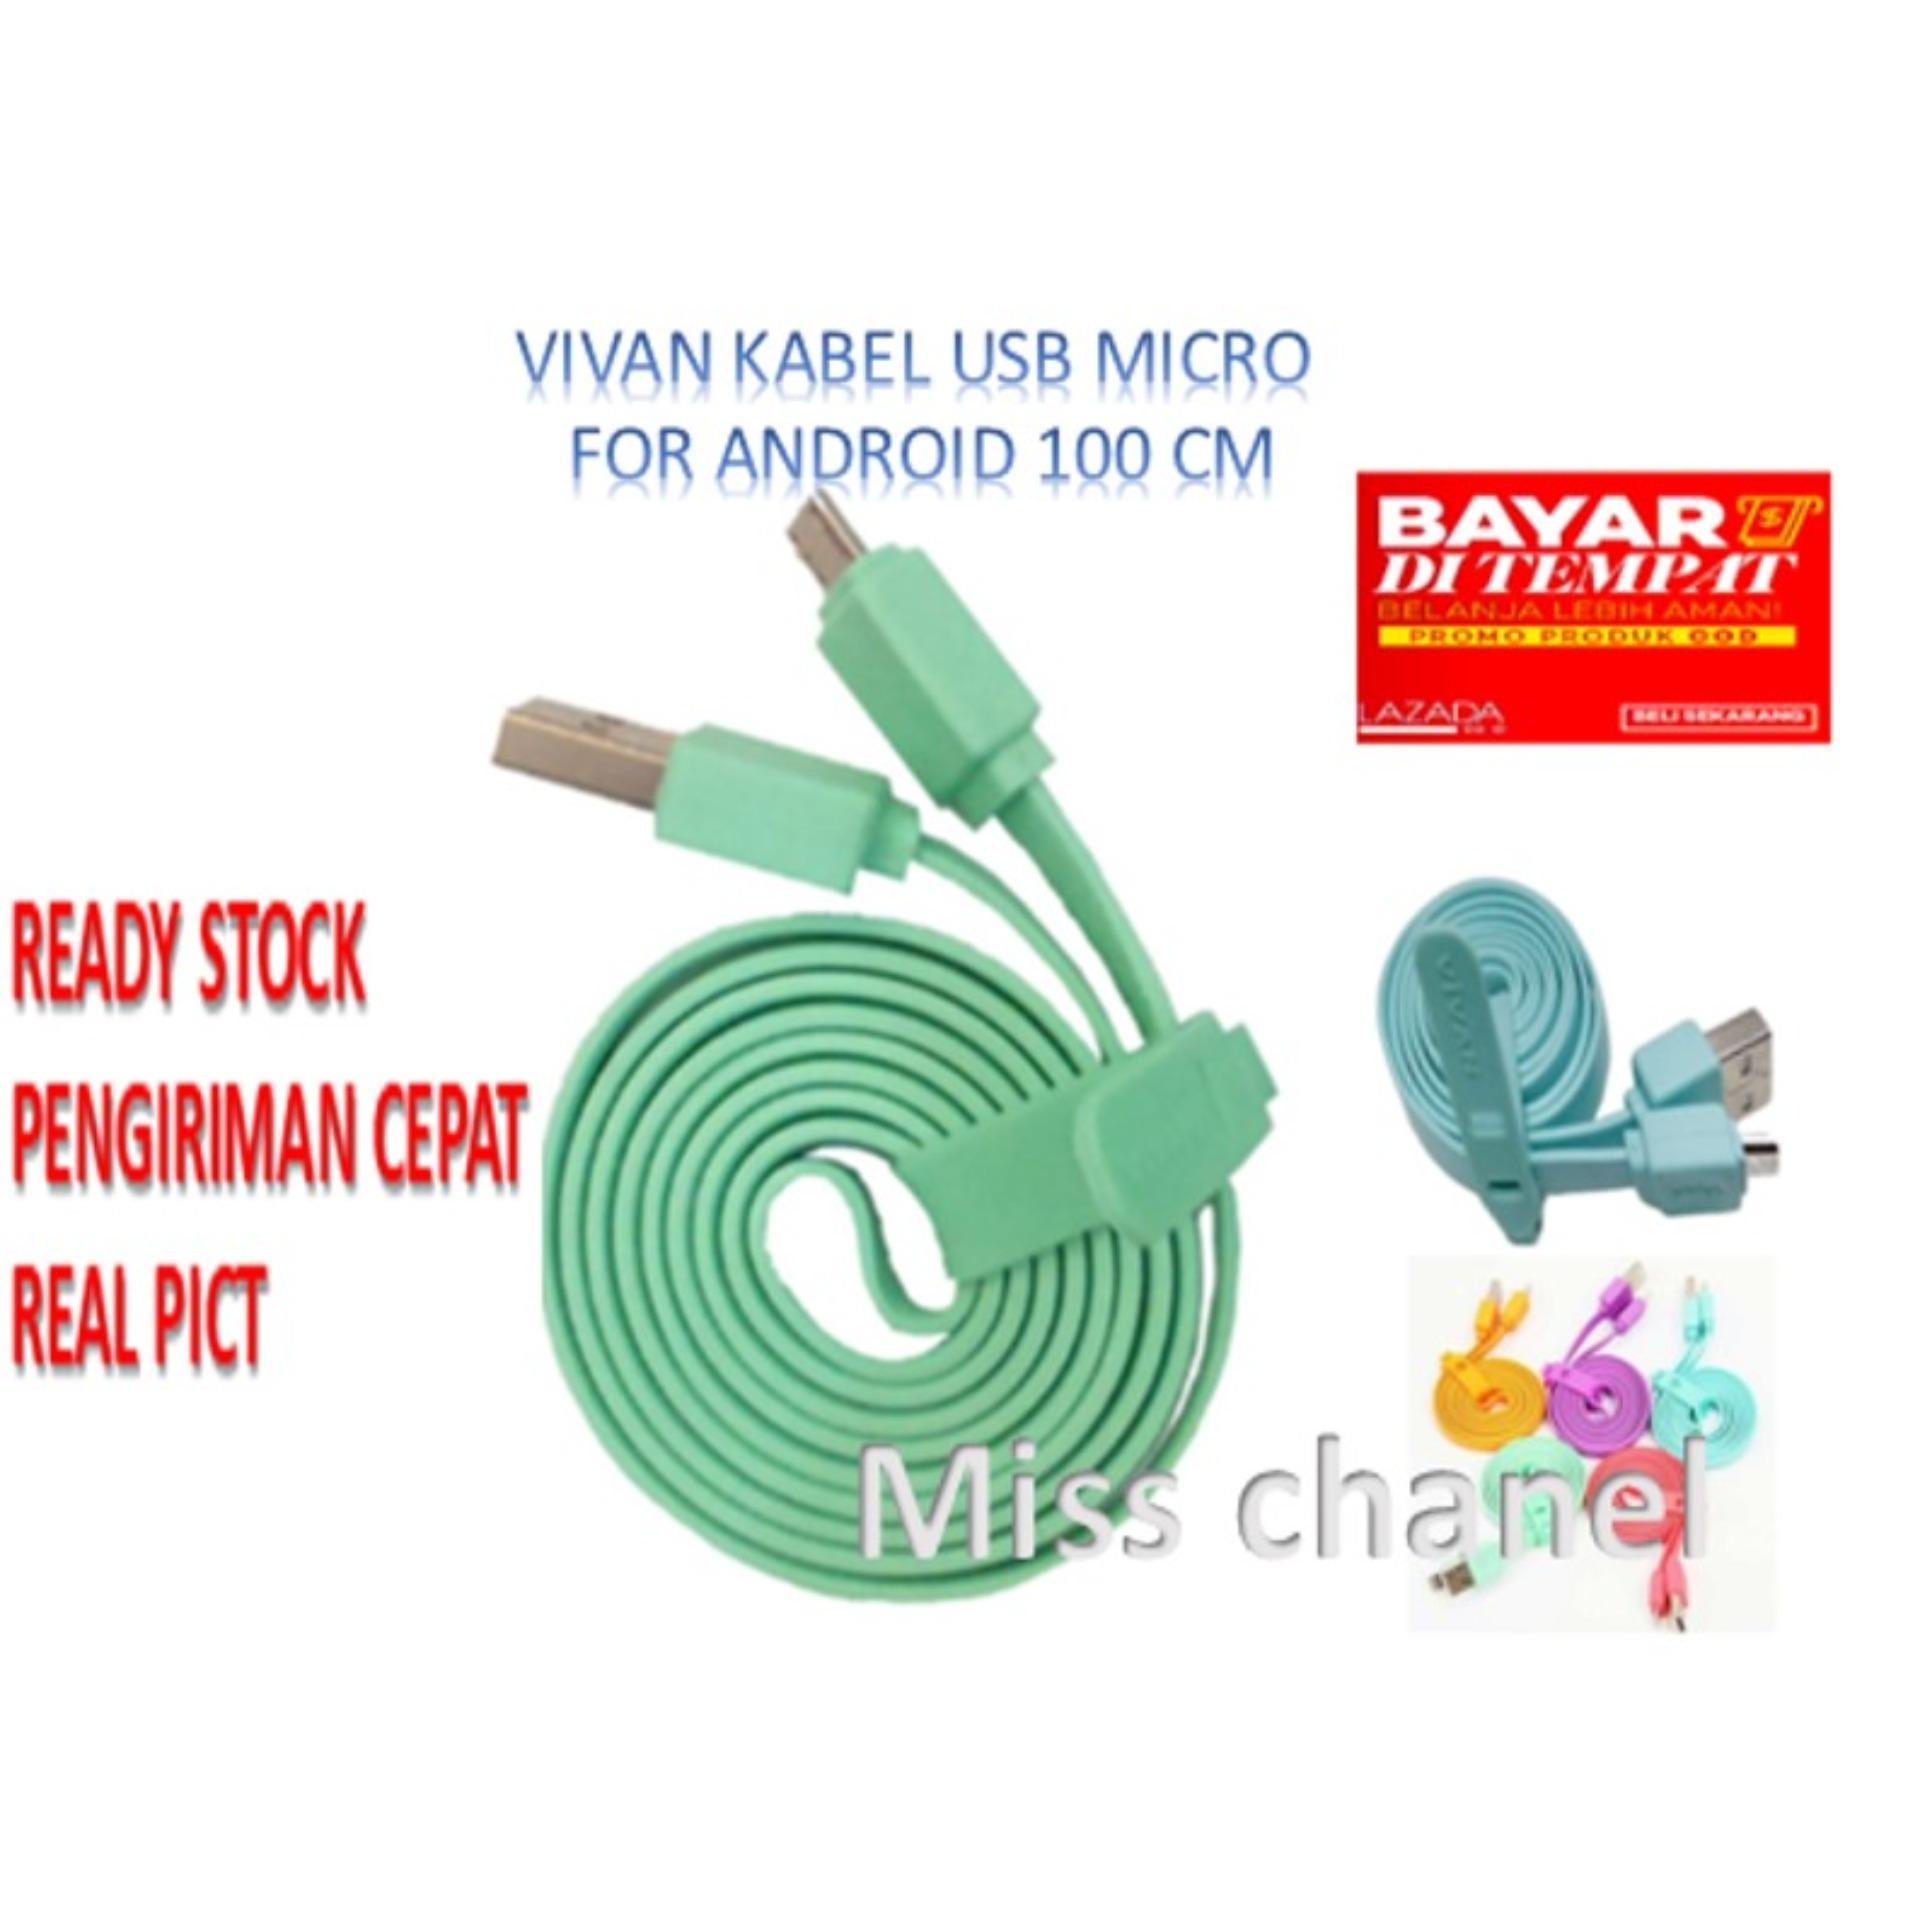 EMQ Vivan Kabel micro USB untuk data dan charger 100cm